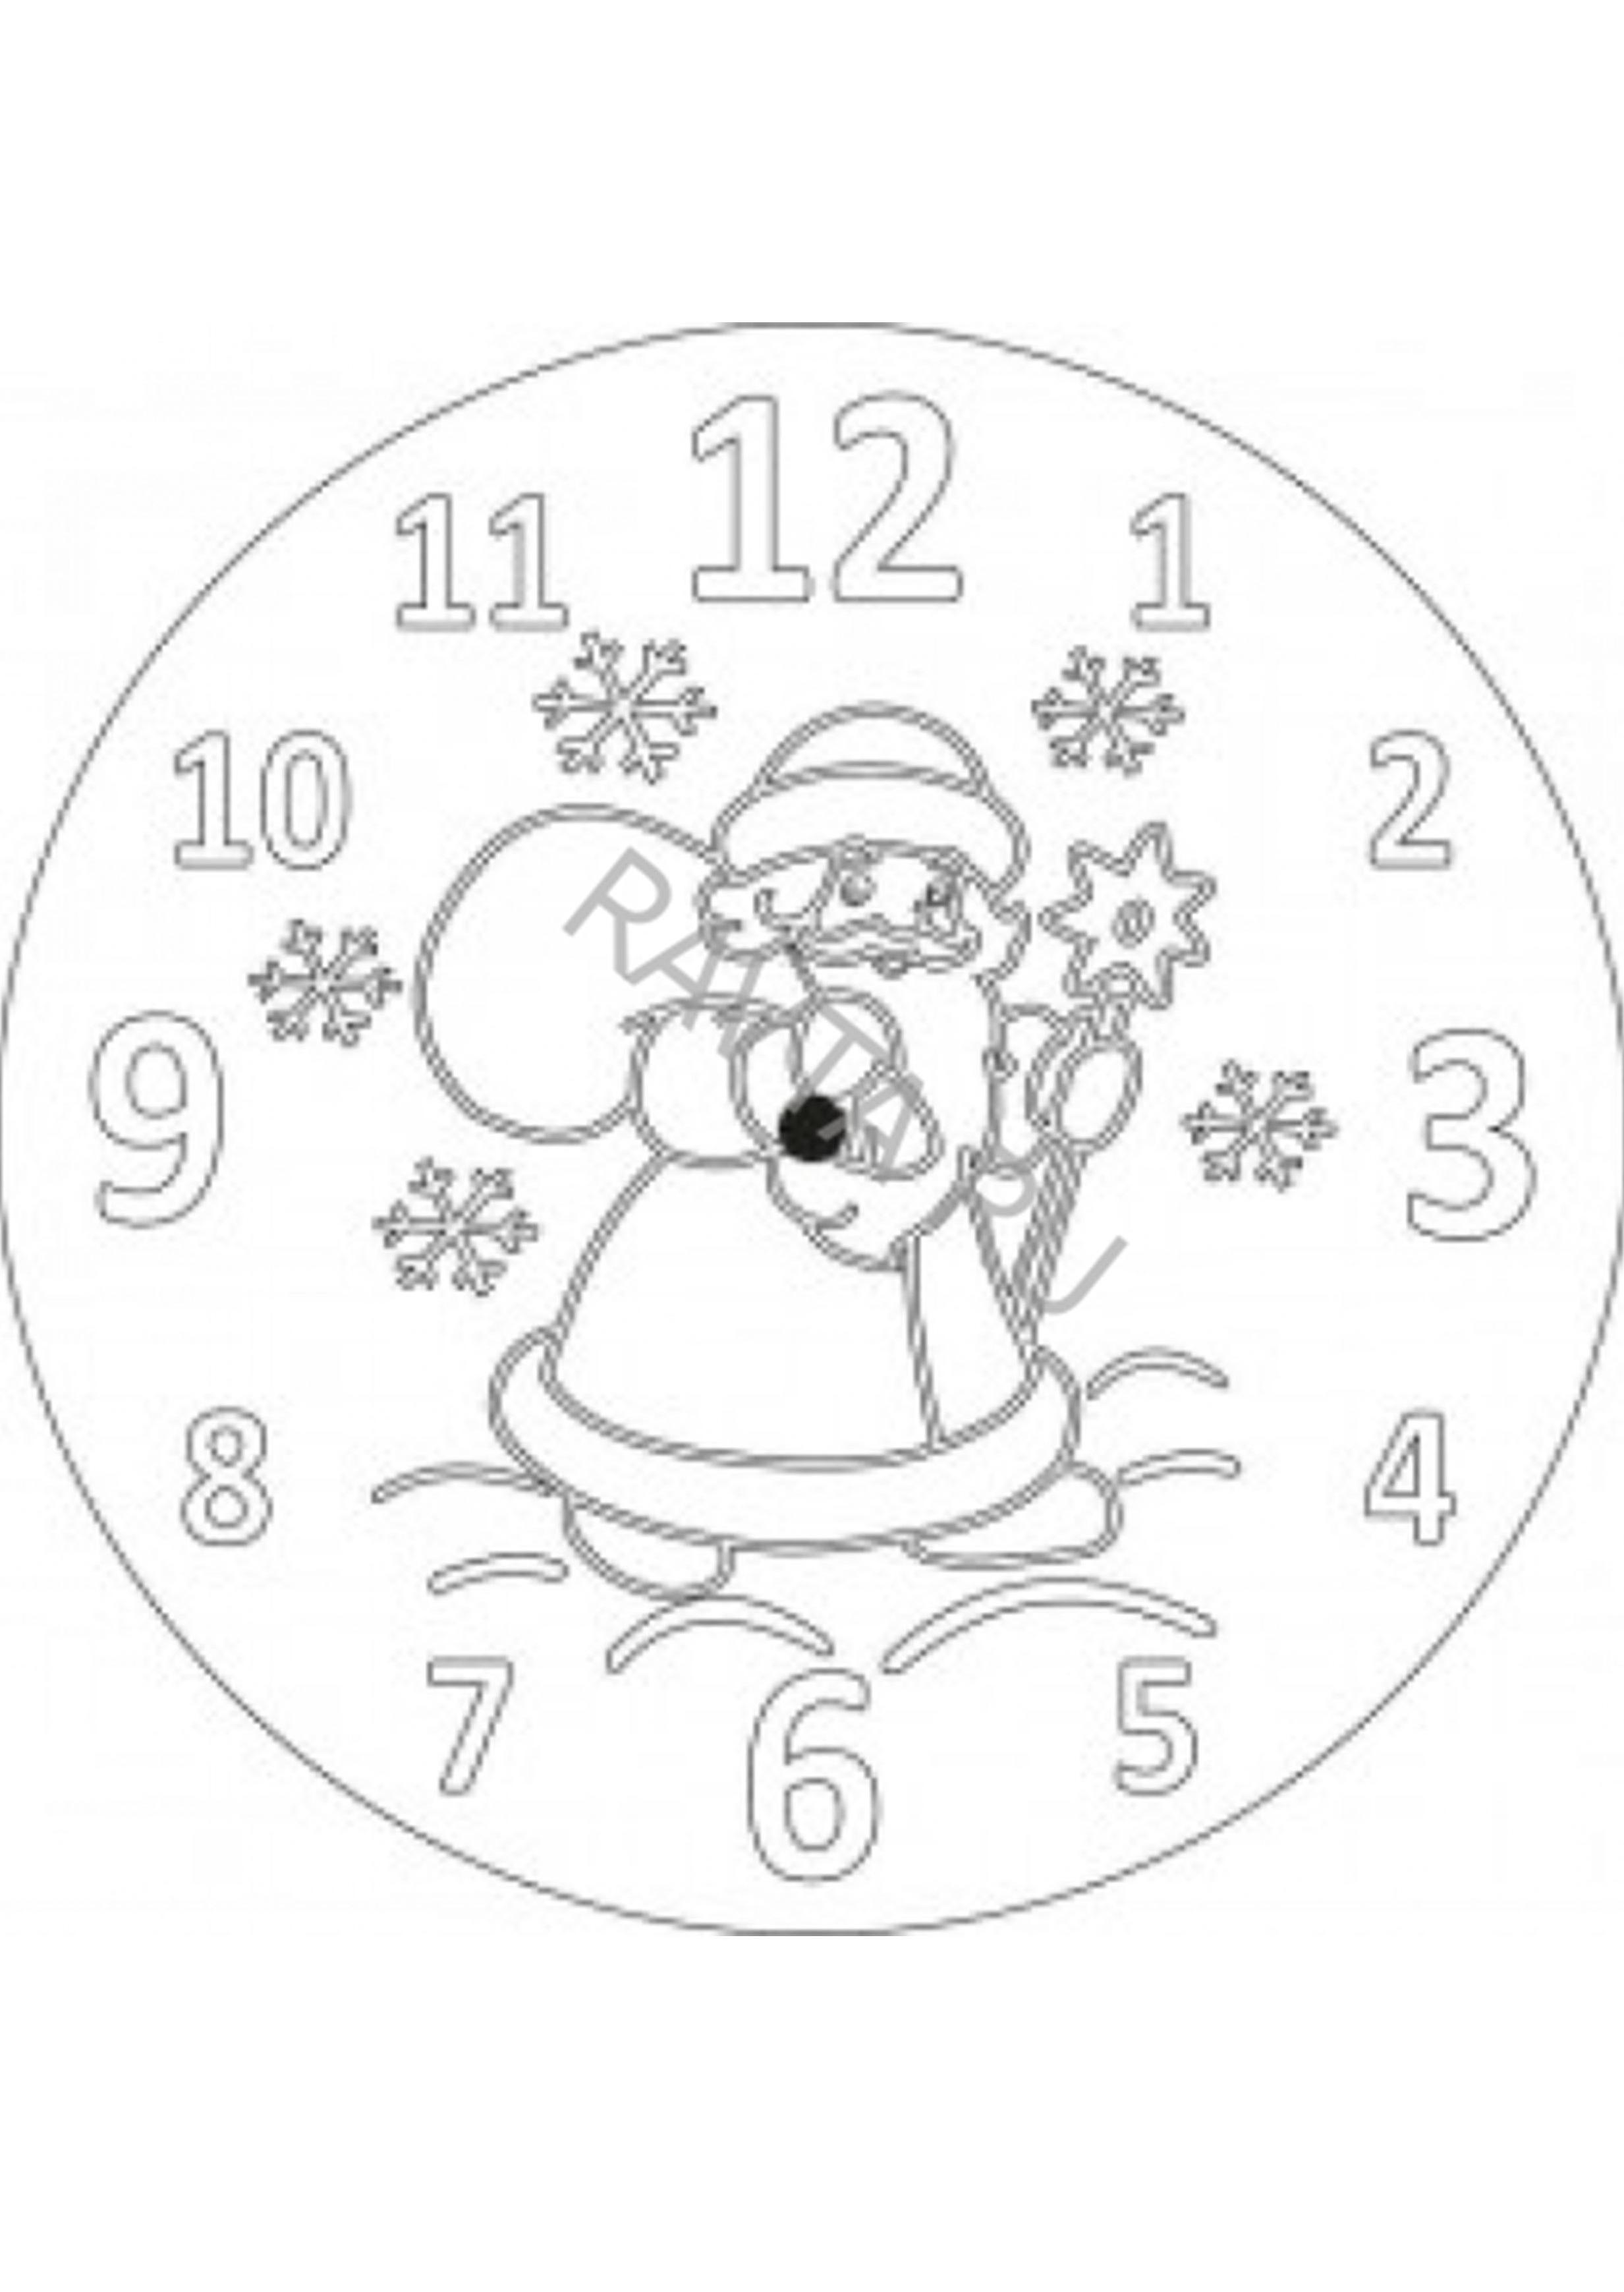 Картинка новогодний циферблат часов с цветами для распечатки